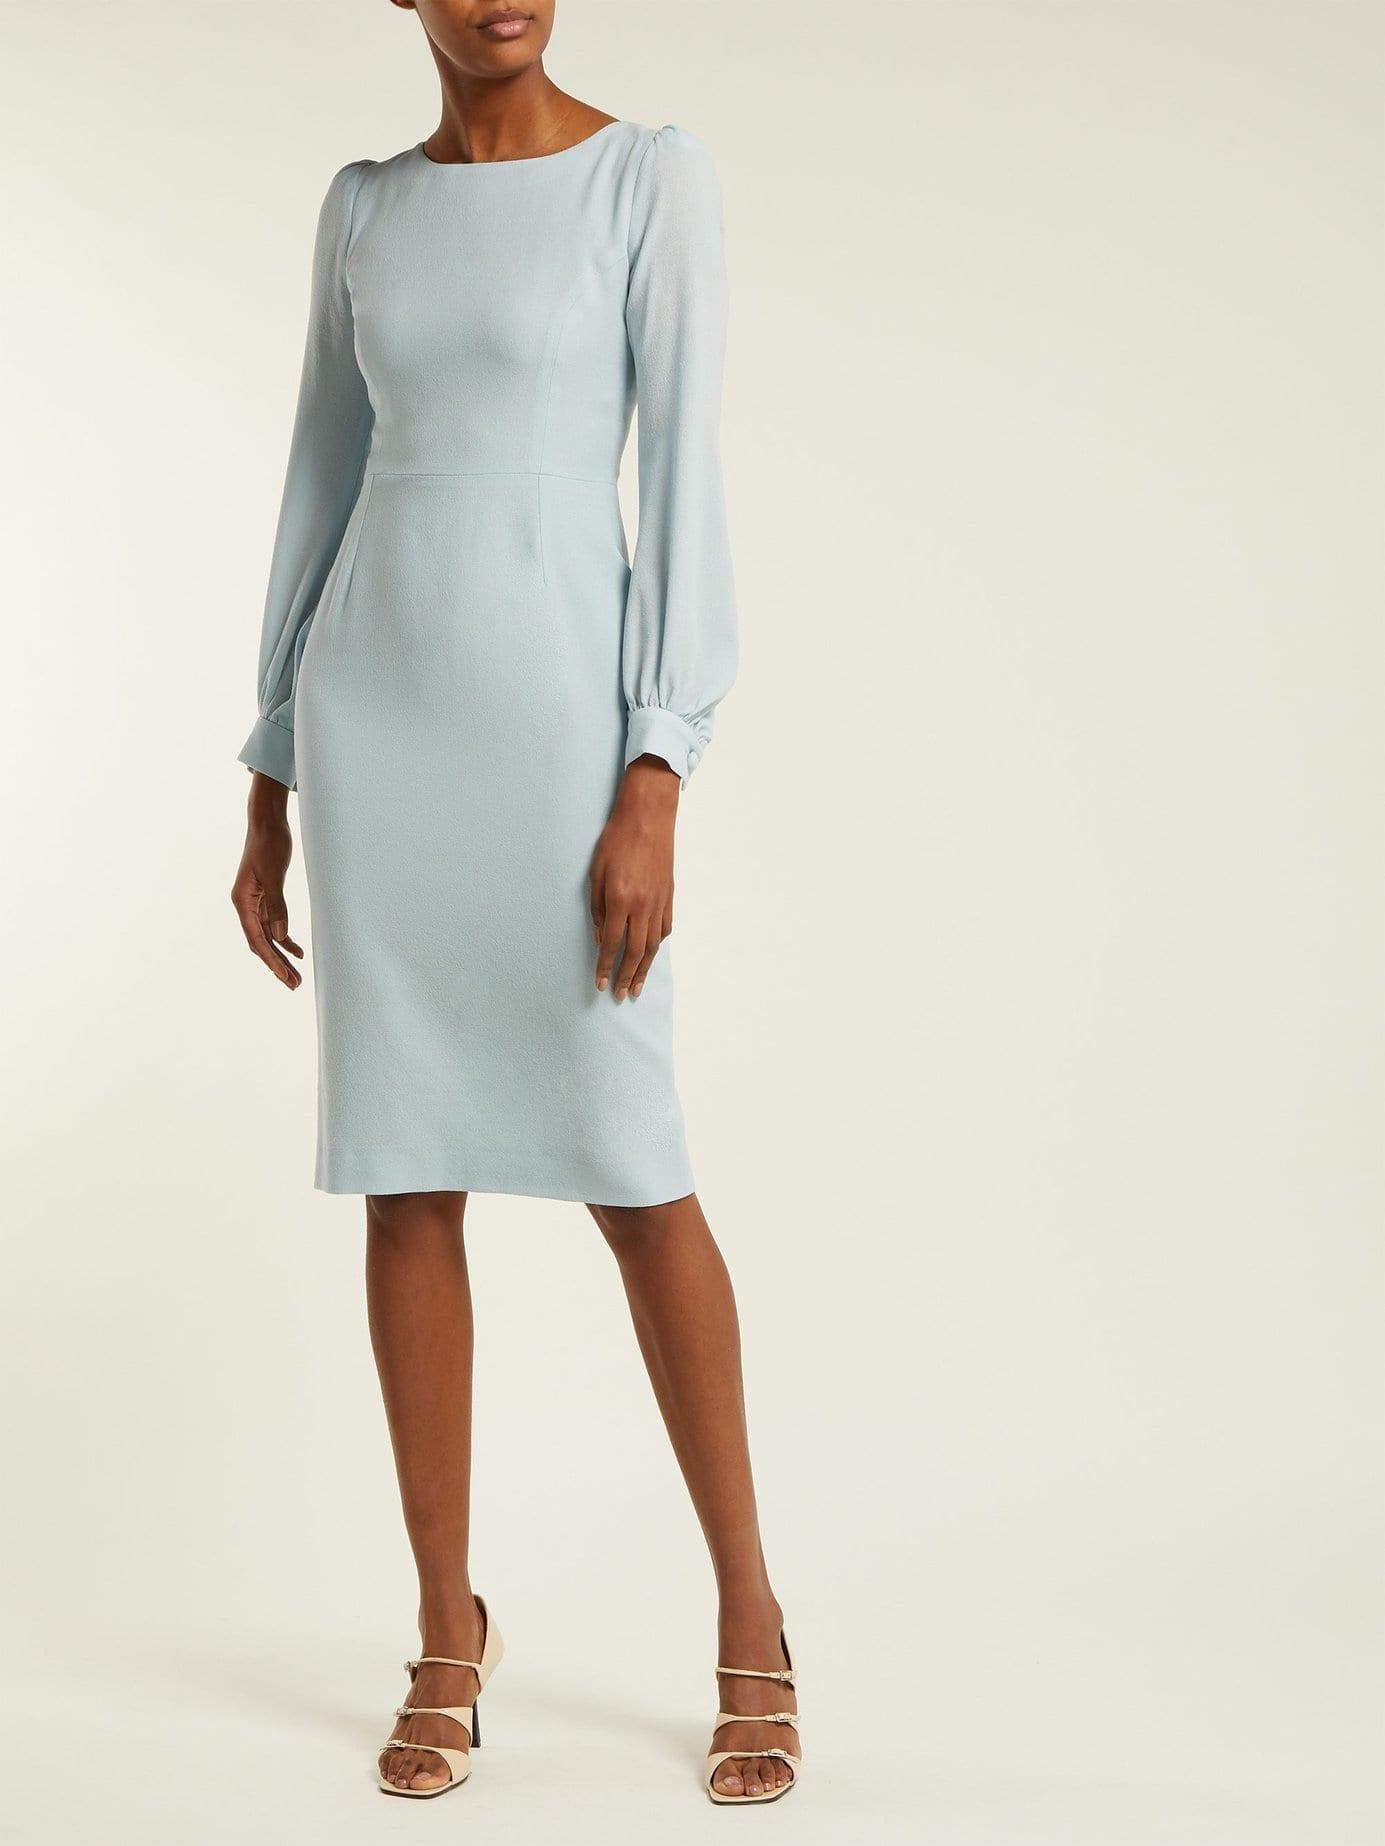 GOAT Harper Crepe Light Blue Dress